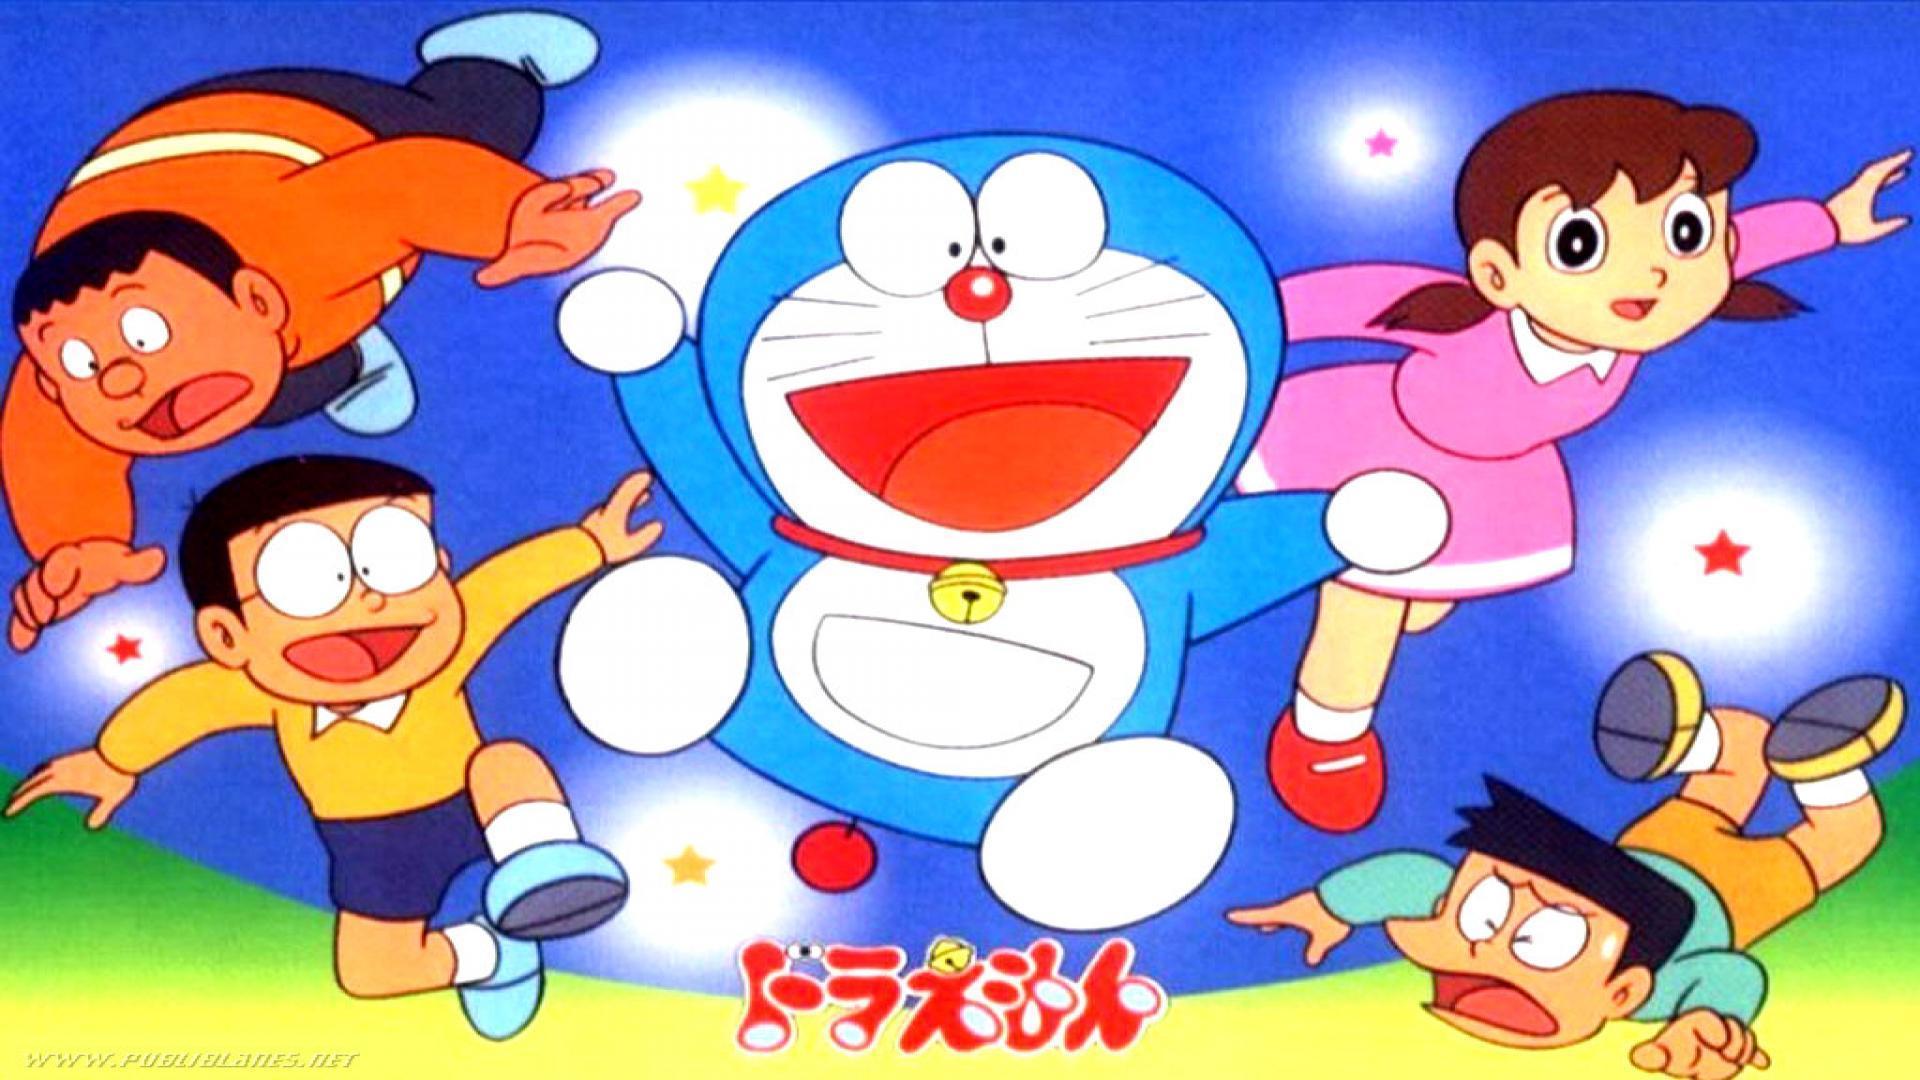 Doraemon 3d Wallpapers 2015 Wallpaper Cave Images Hd Gambar Kartun